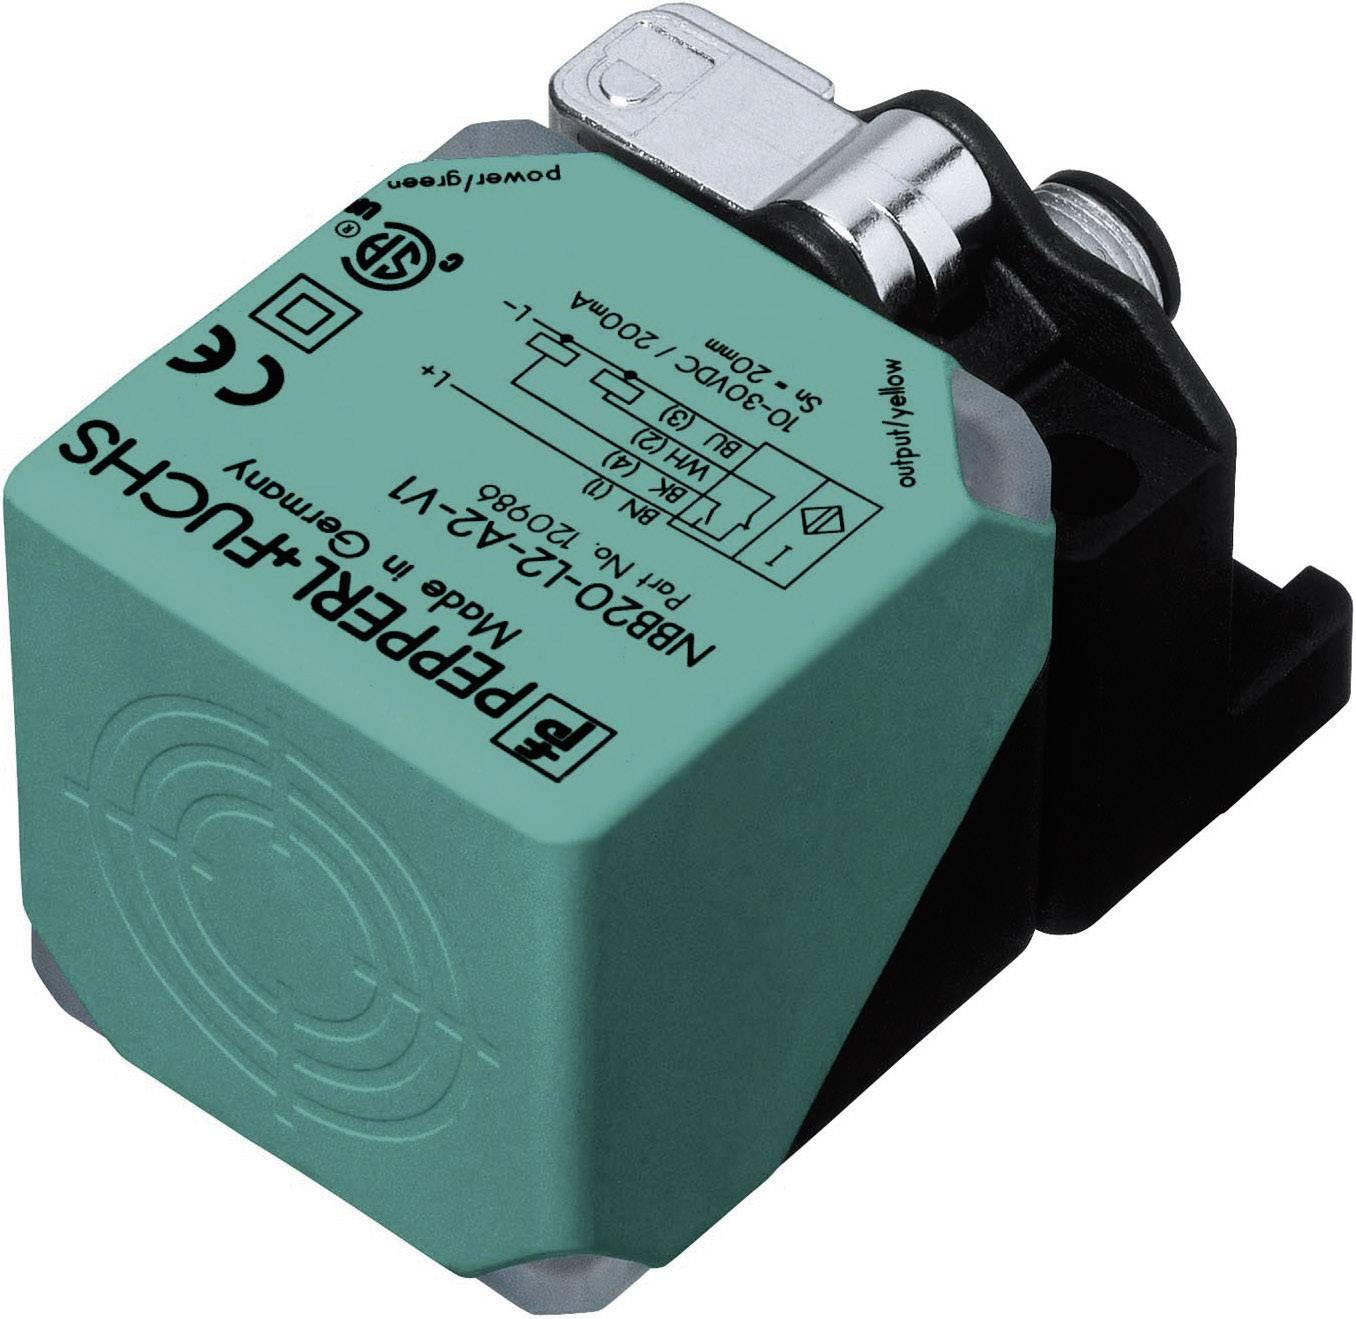 Indukční senzor přiblížení Pepperl & Fuchs NBN40-L2-A2-V1, 40 mm, IP69K